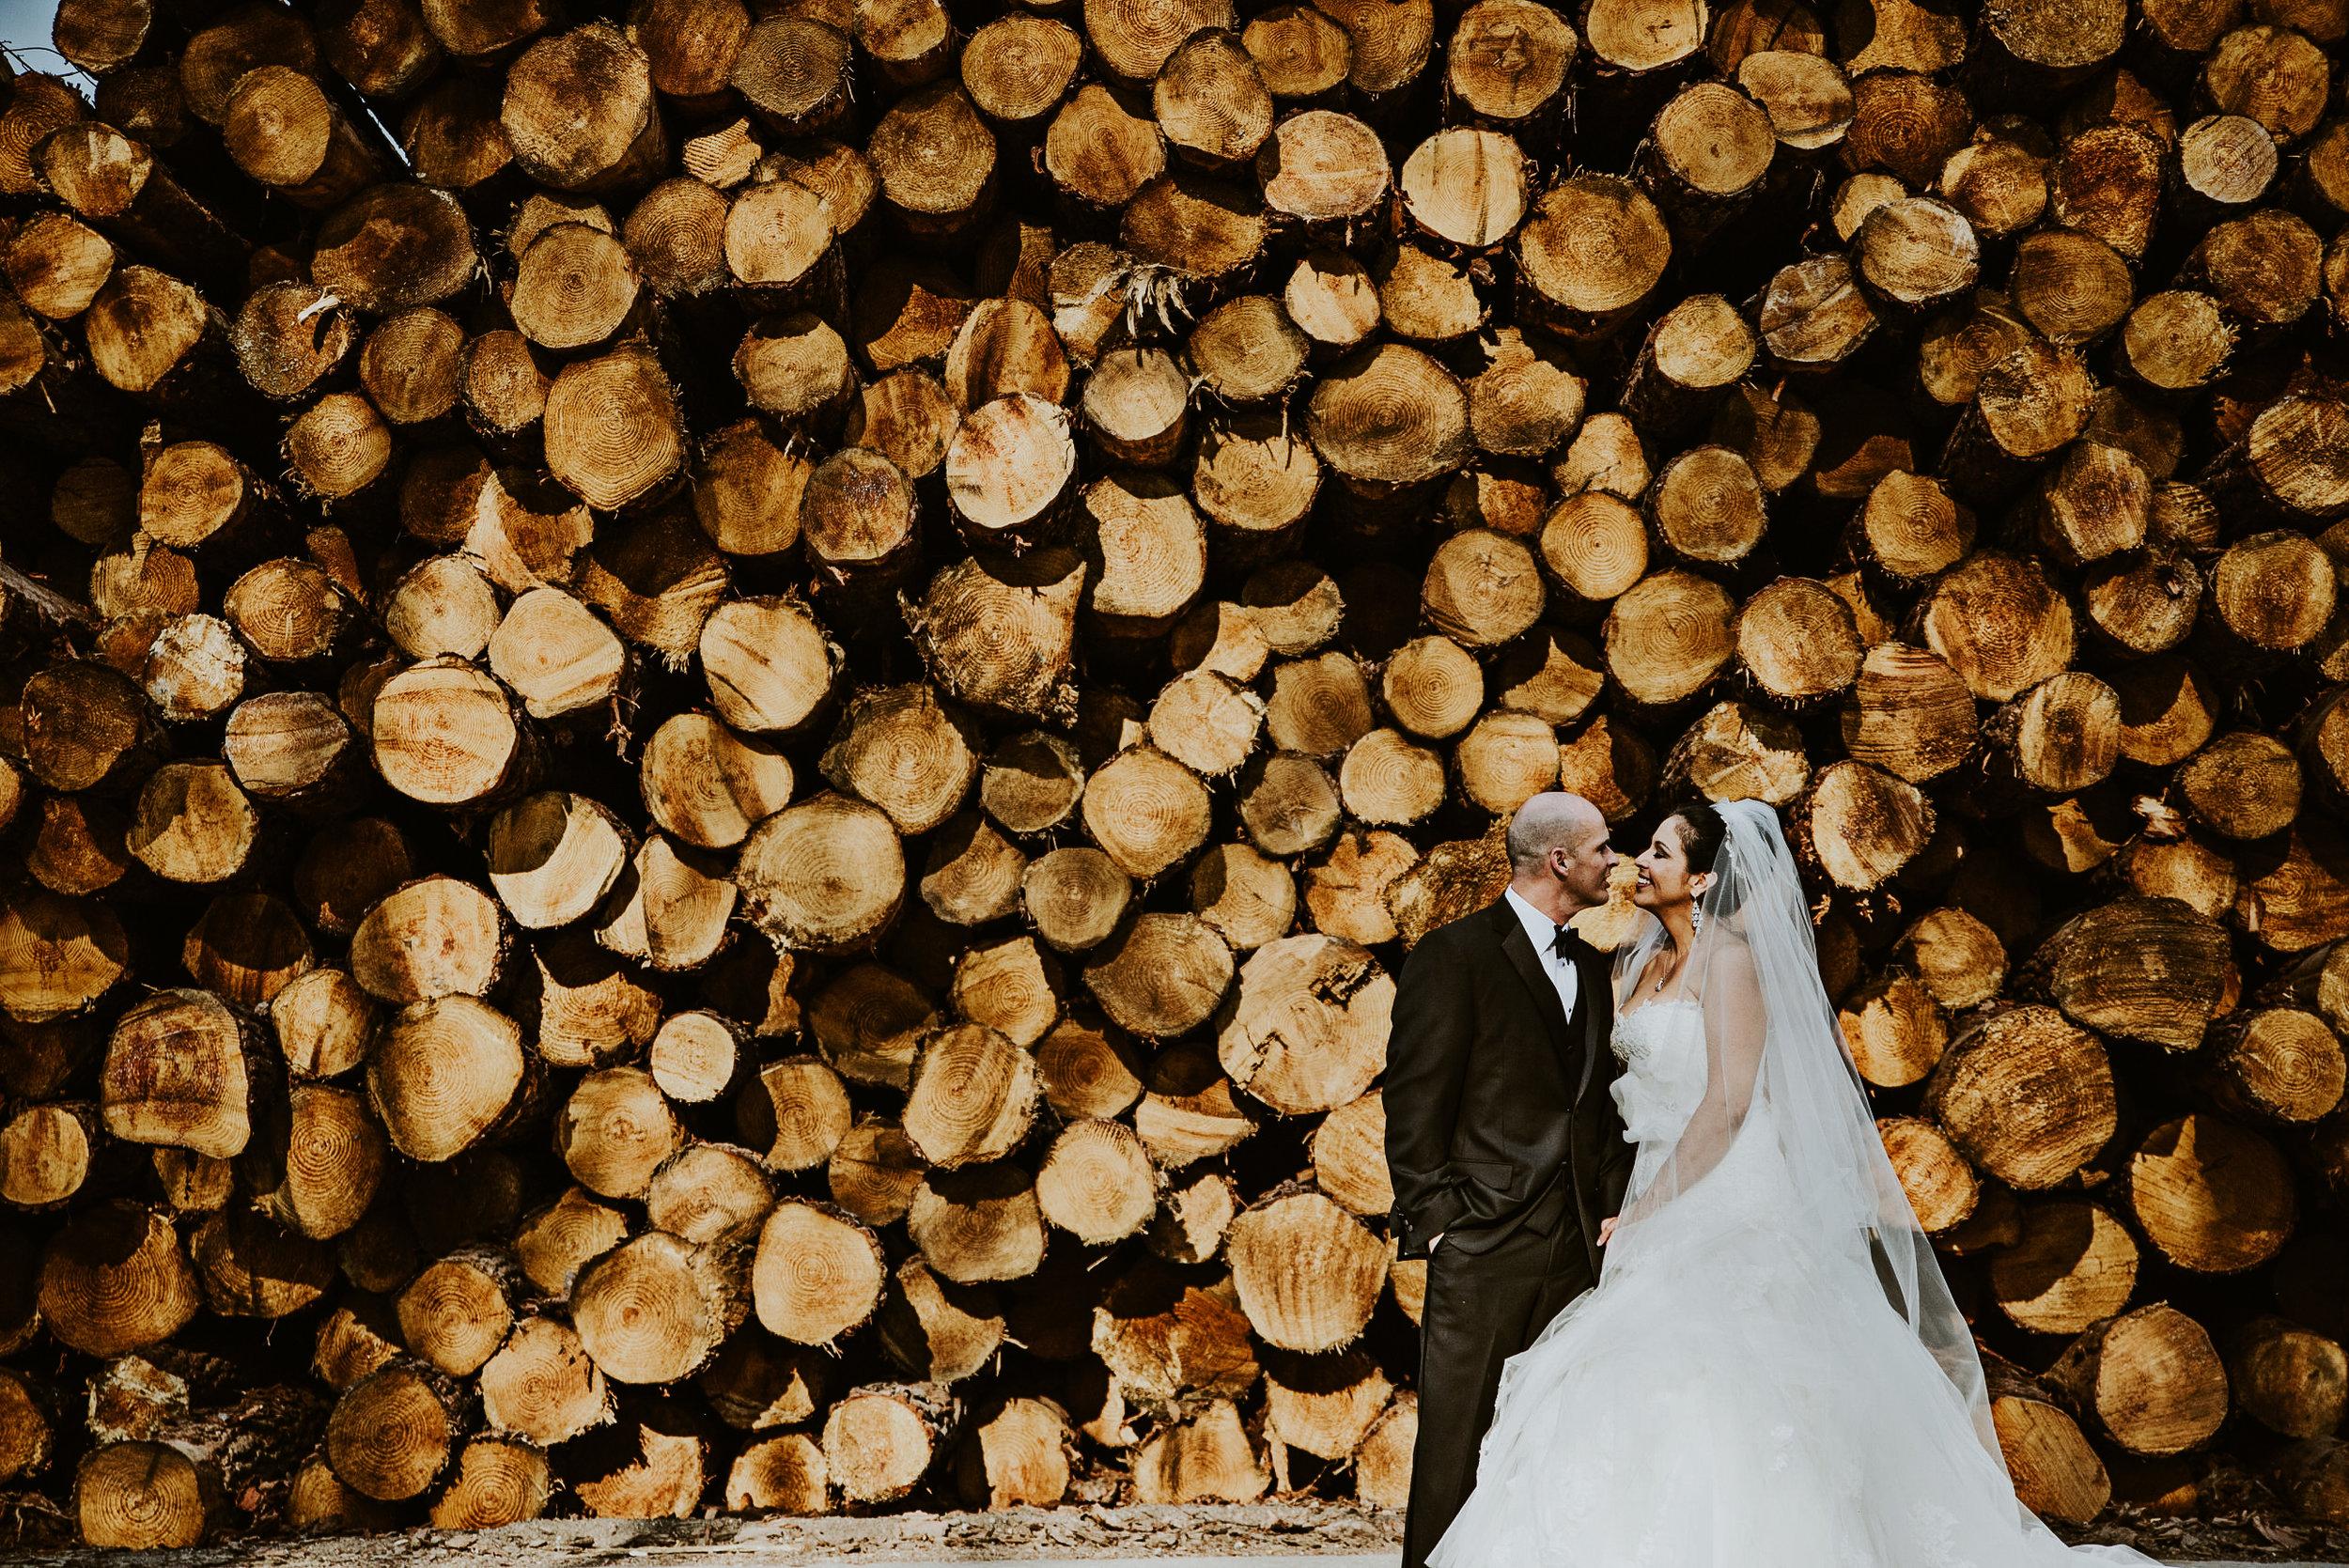 KingFamilyVineyardWedding-Karla&Paul-170-1.jpg